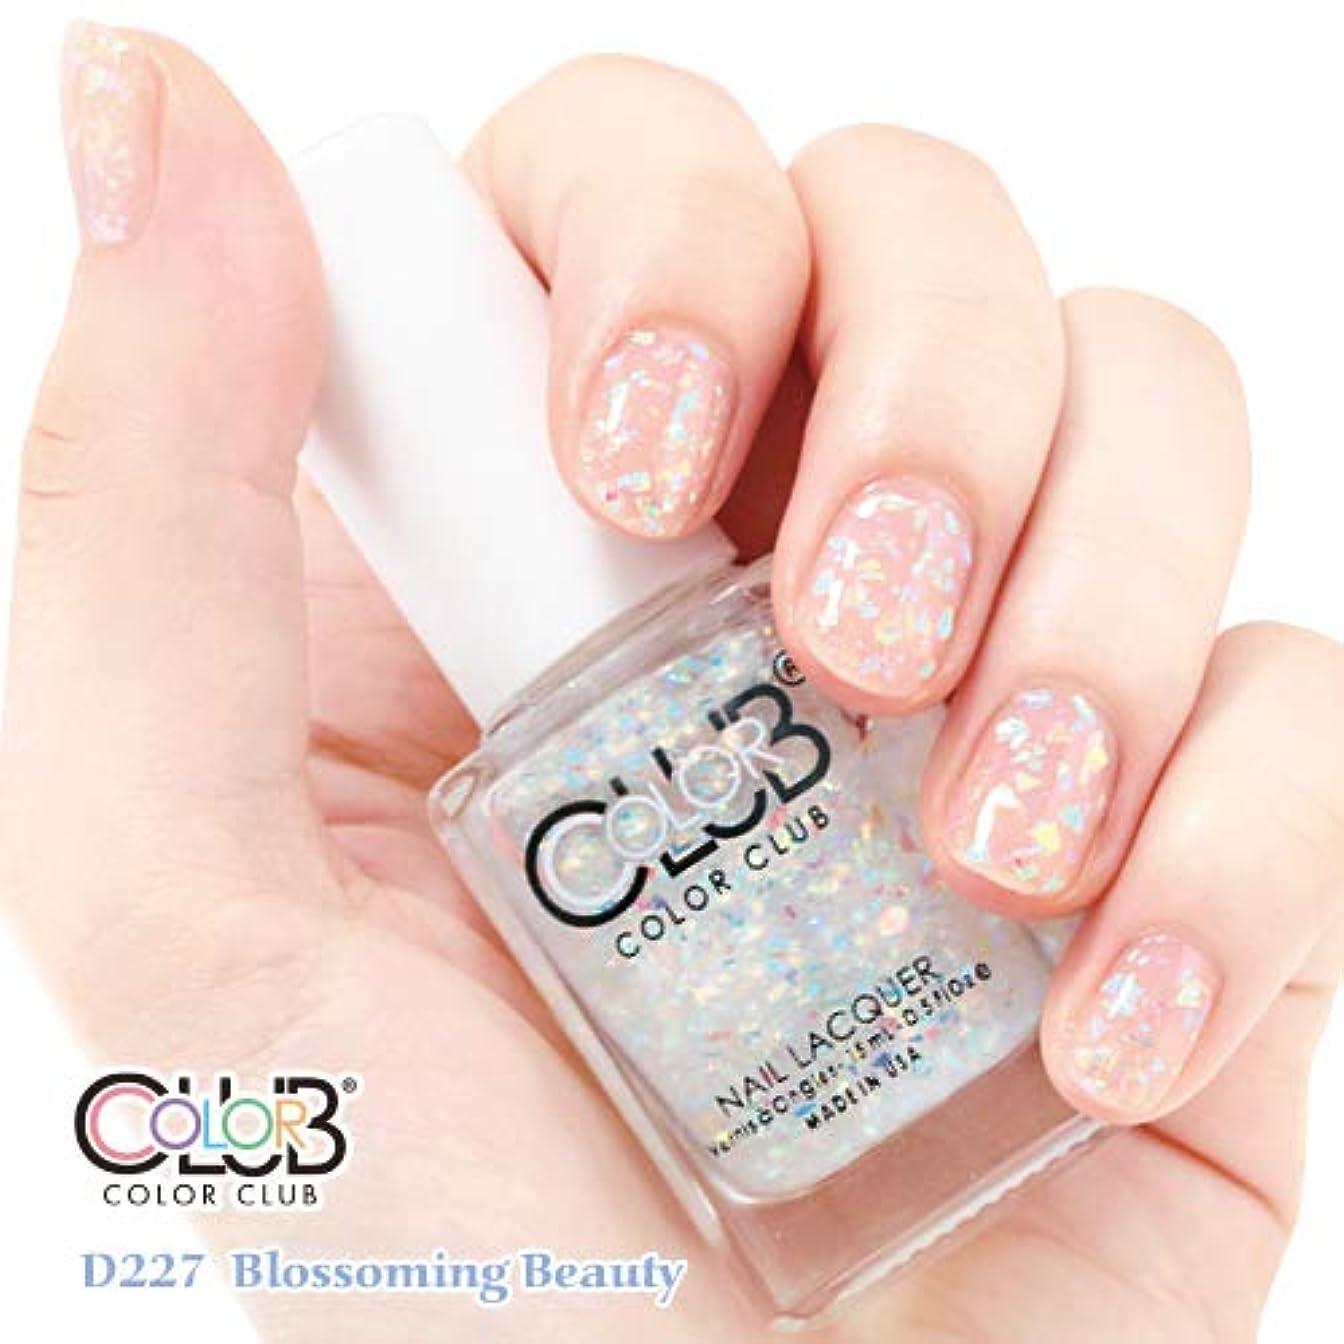 エイリアスカーペット同様にforsythe COLOR CLUB フォーサイス カラークラブ D227/Blossoming Beauty